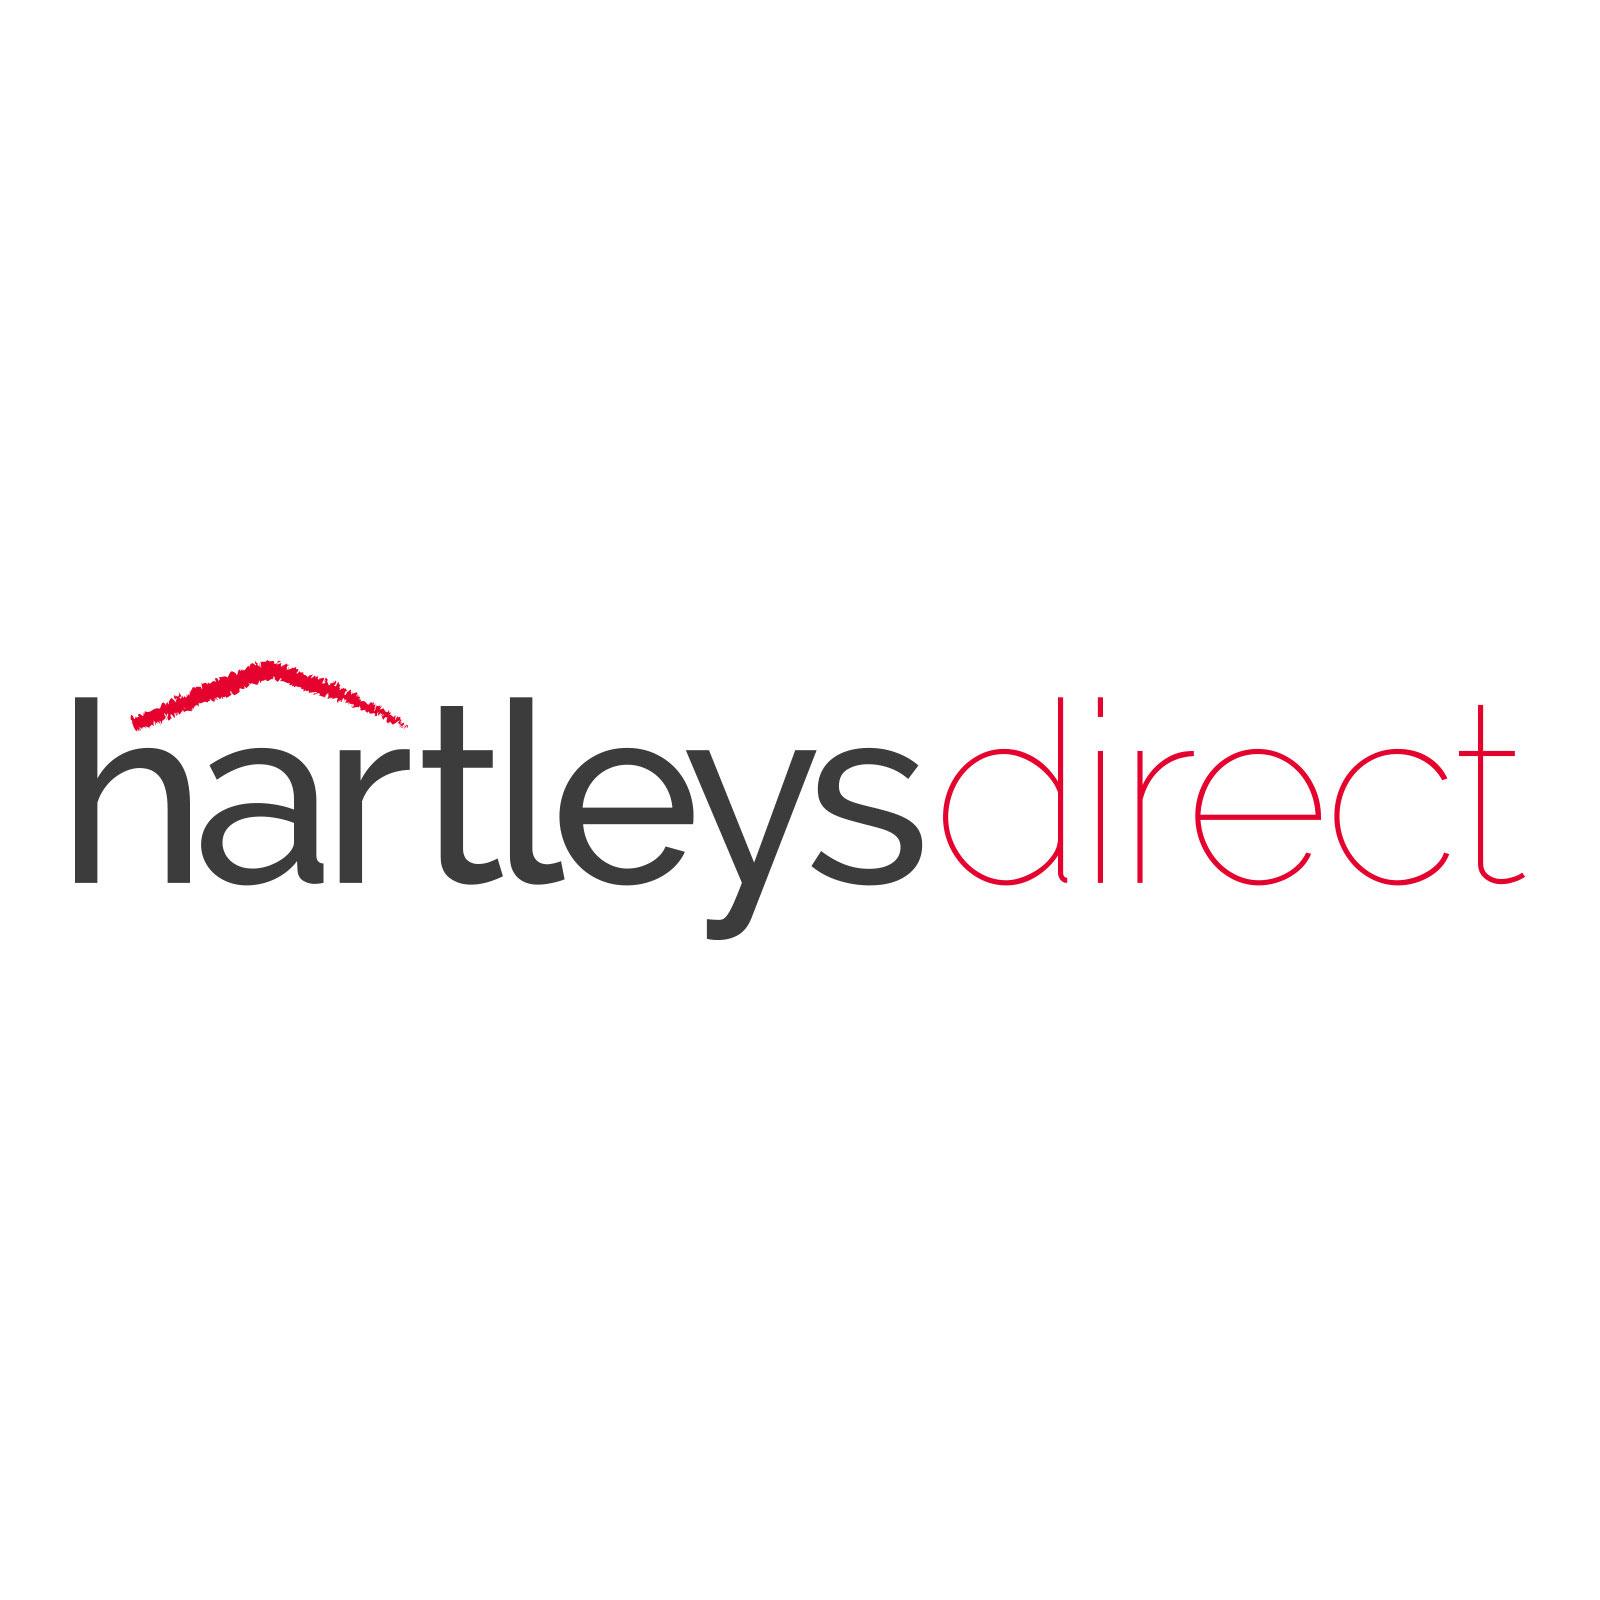 Hartleys-Black-Cube-Unit-Choice-of-Sizes-on-White-Background.jpg